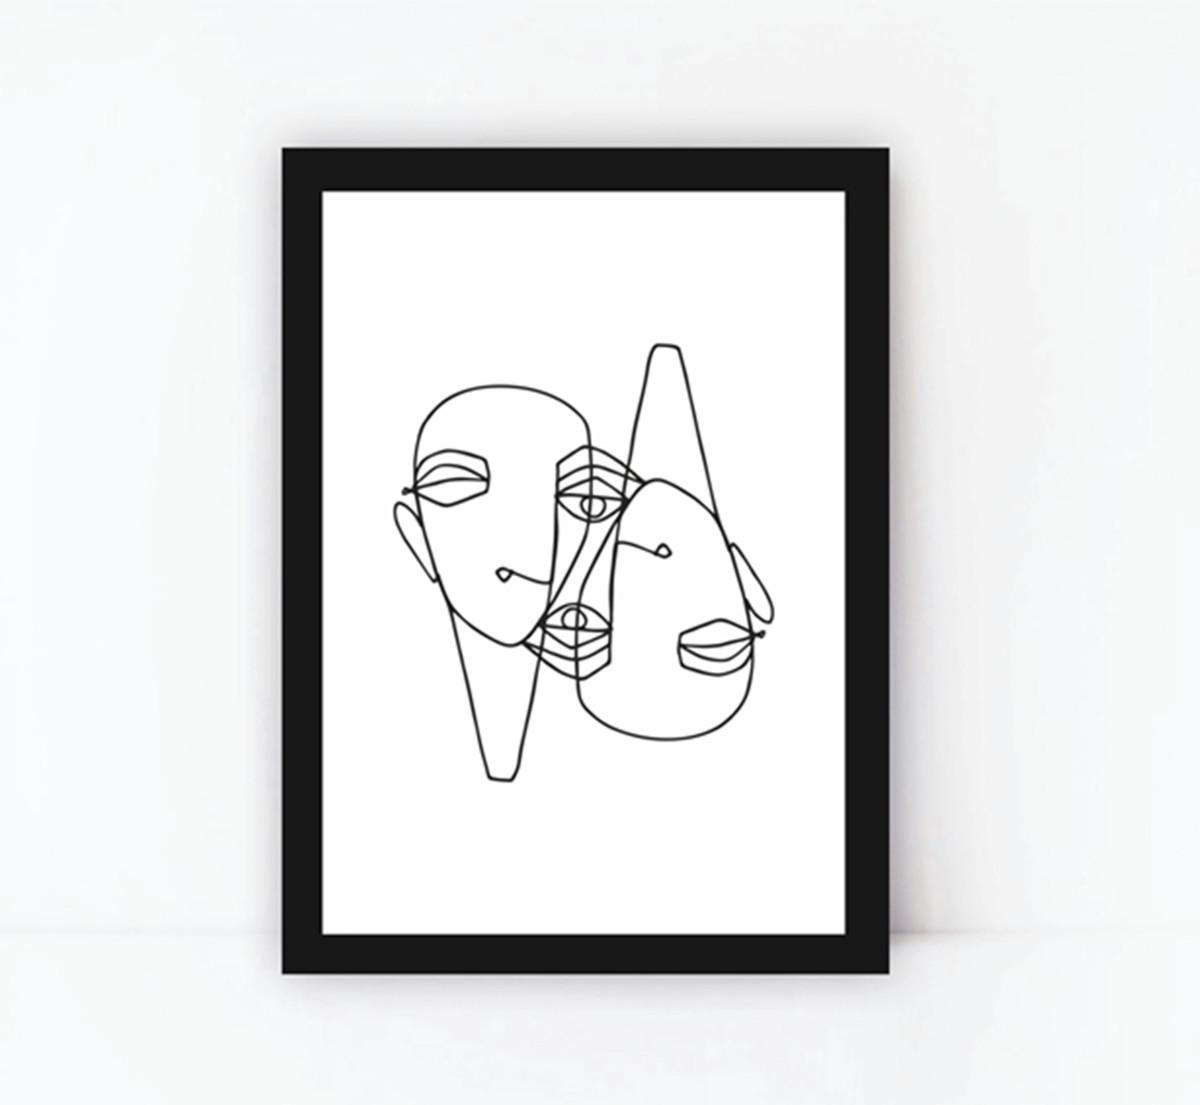 Quadro Decorativo Poster Preto E Branco Minimalista Linhas 4 No